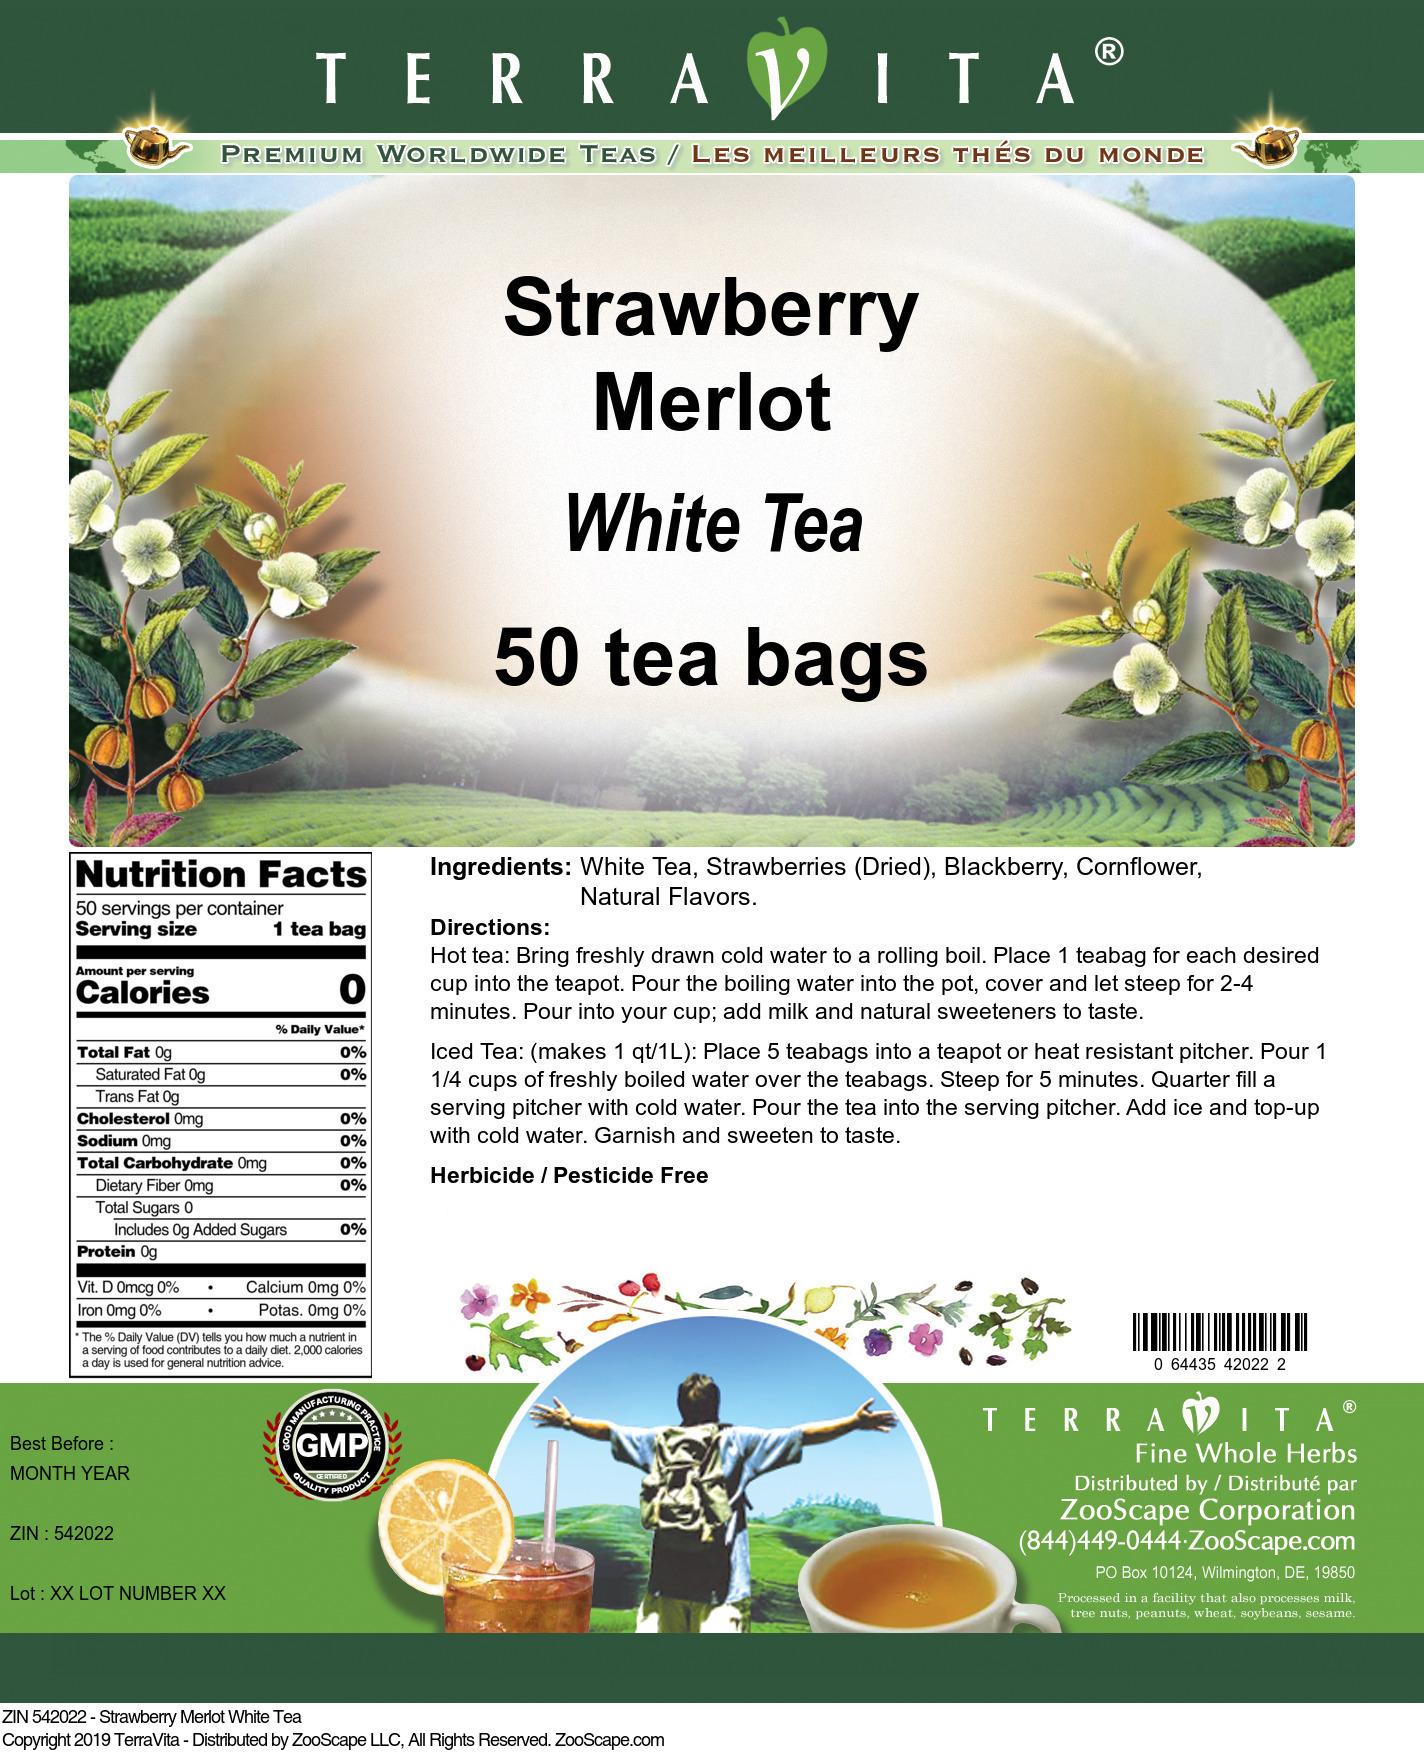 Strawberry Merlot White Tea